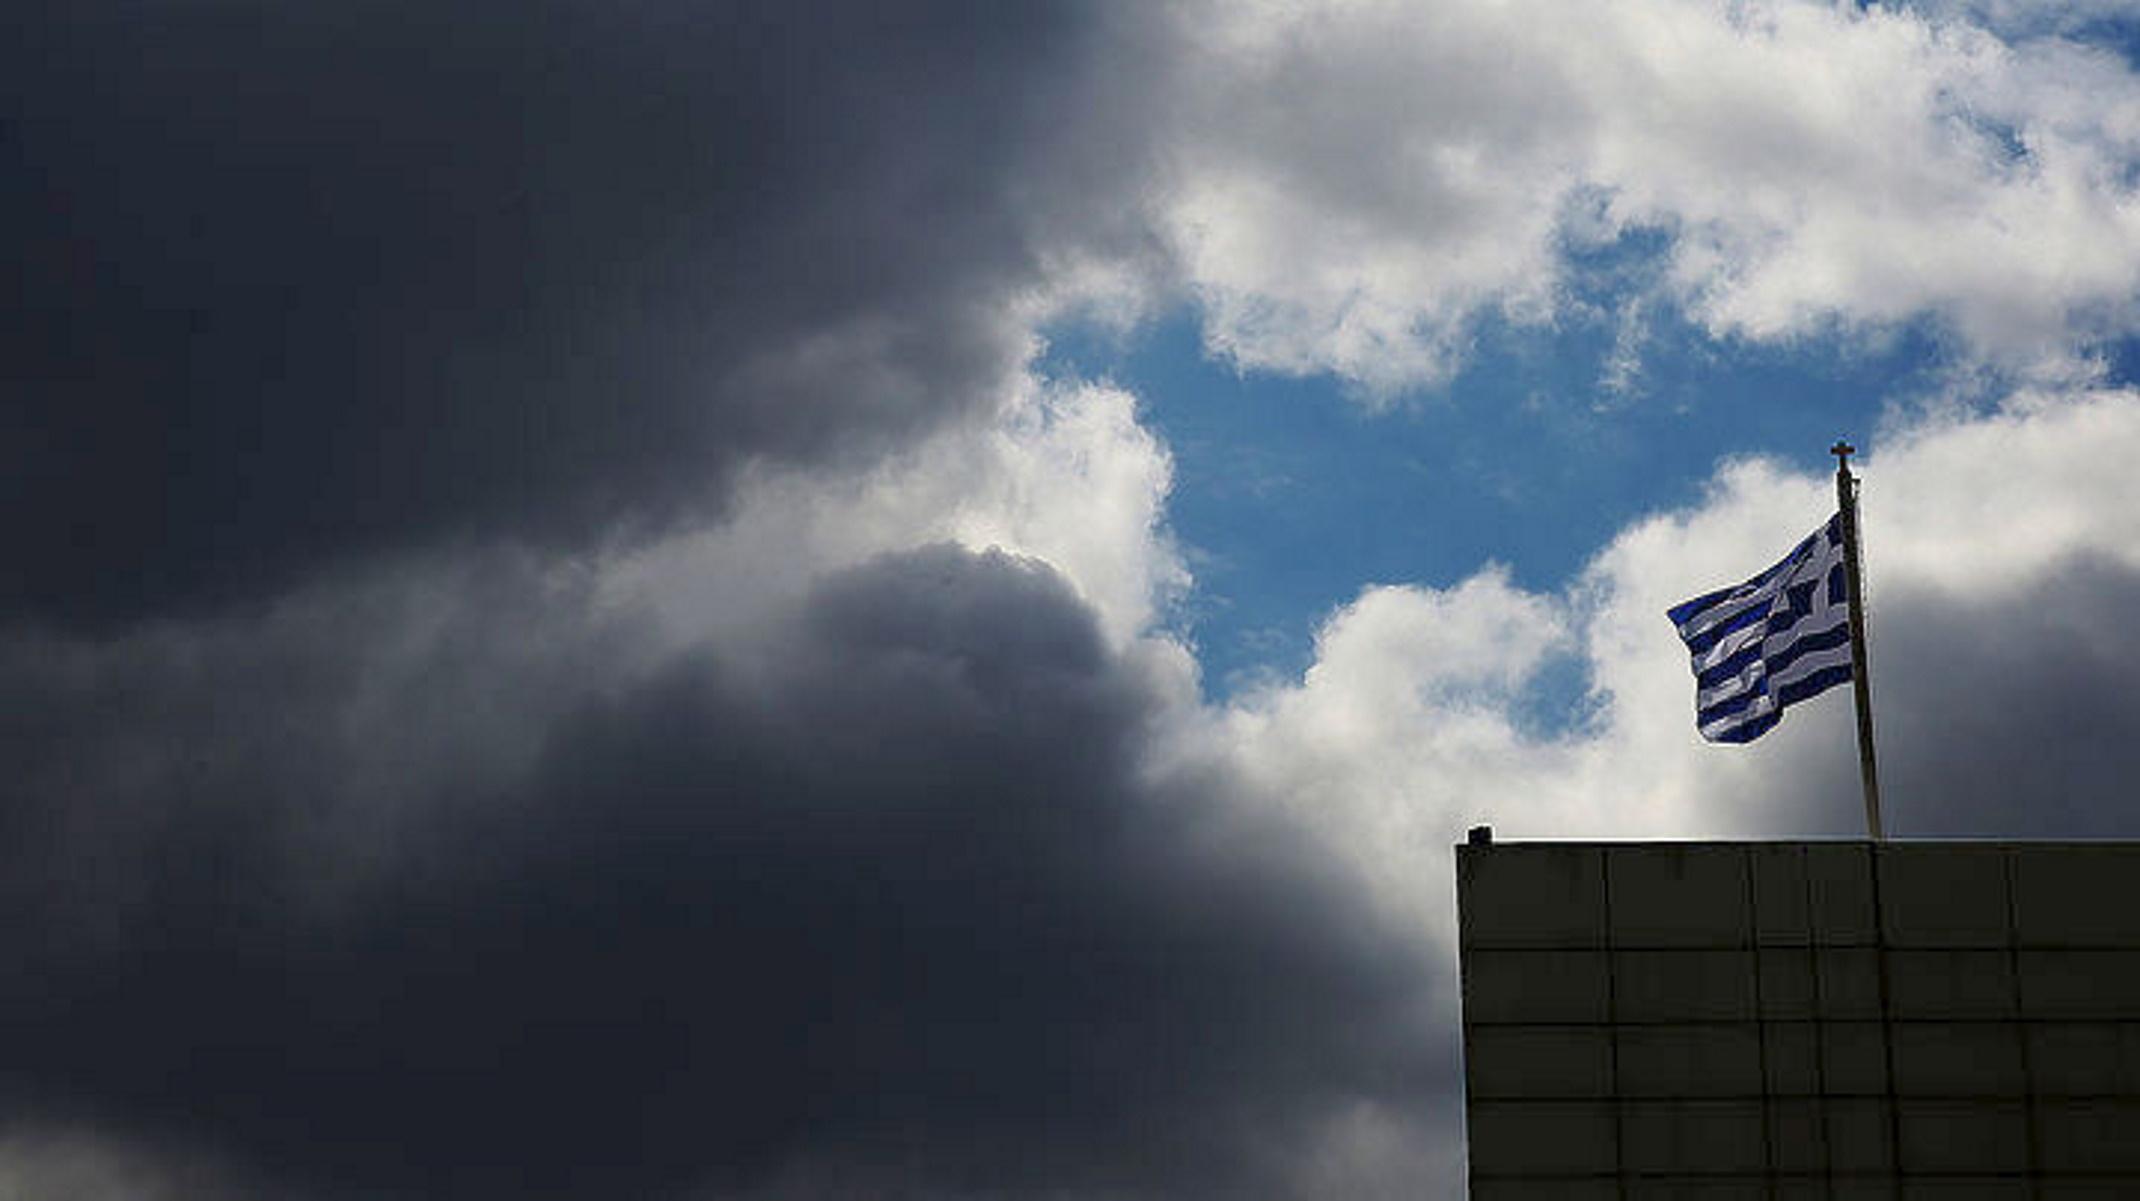 Καιρός σήμερα: Χαλάει με μπόρες και βροχές – Πού θα είναι έντονα τα φαινόμενα